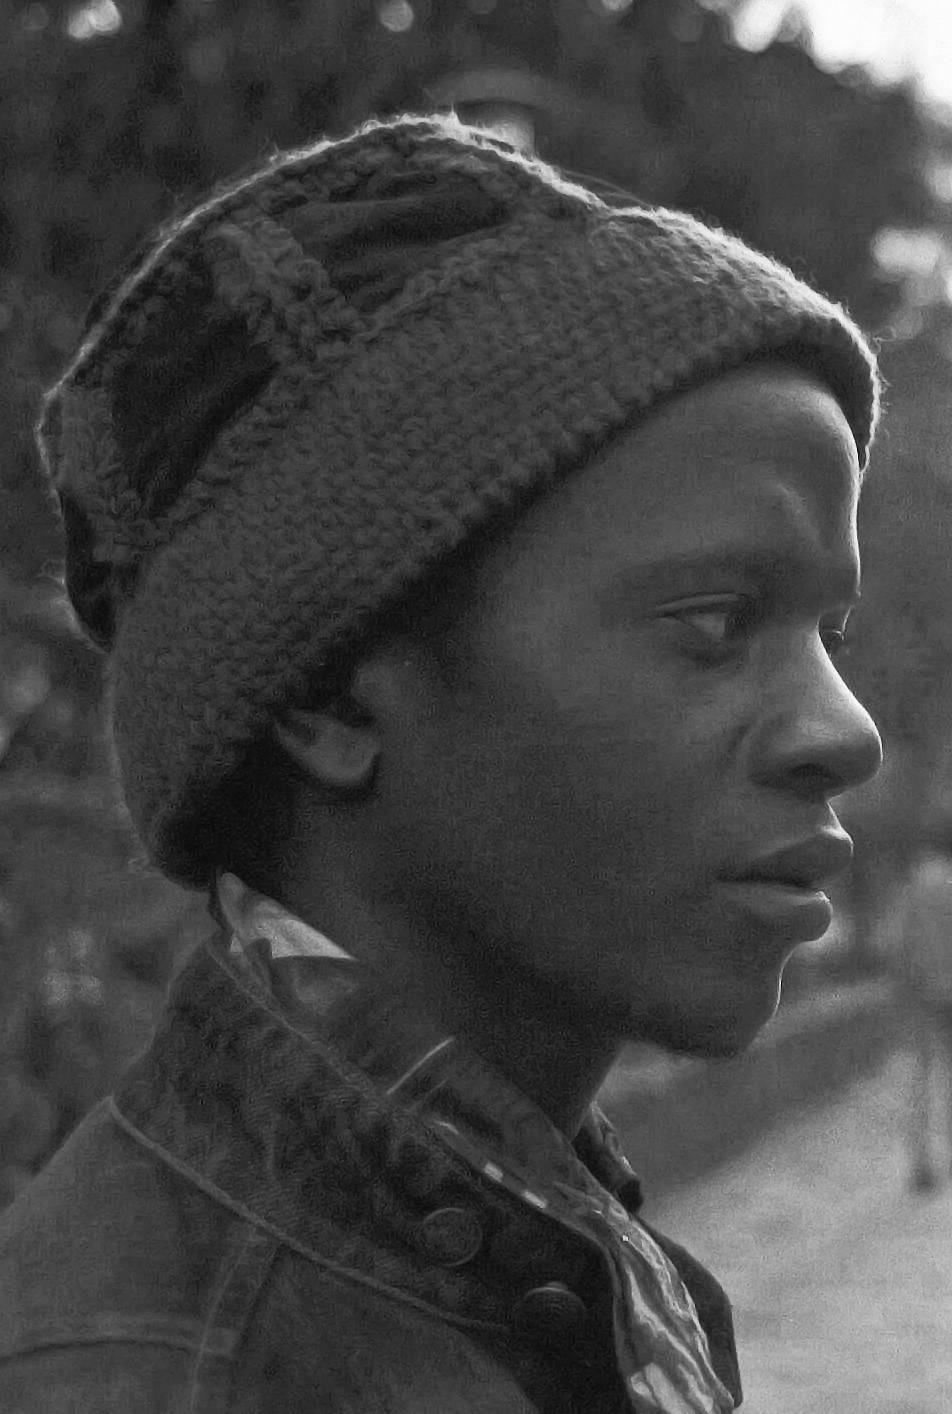 Musekiwa, Terrence b.1990